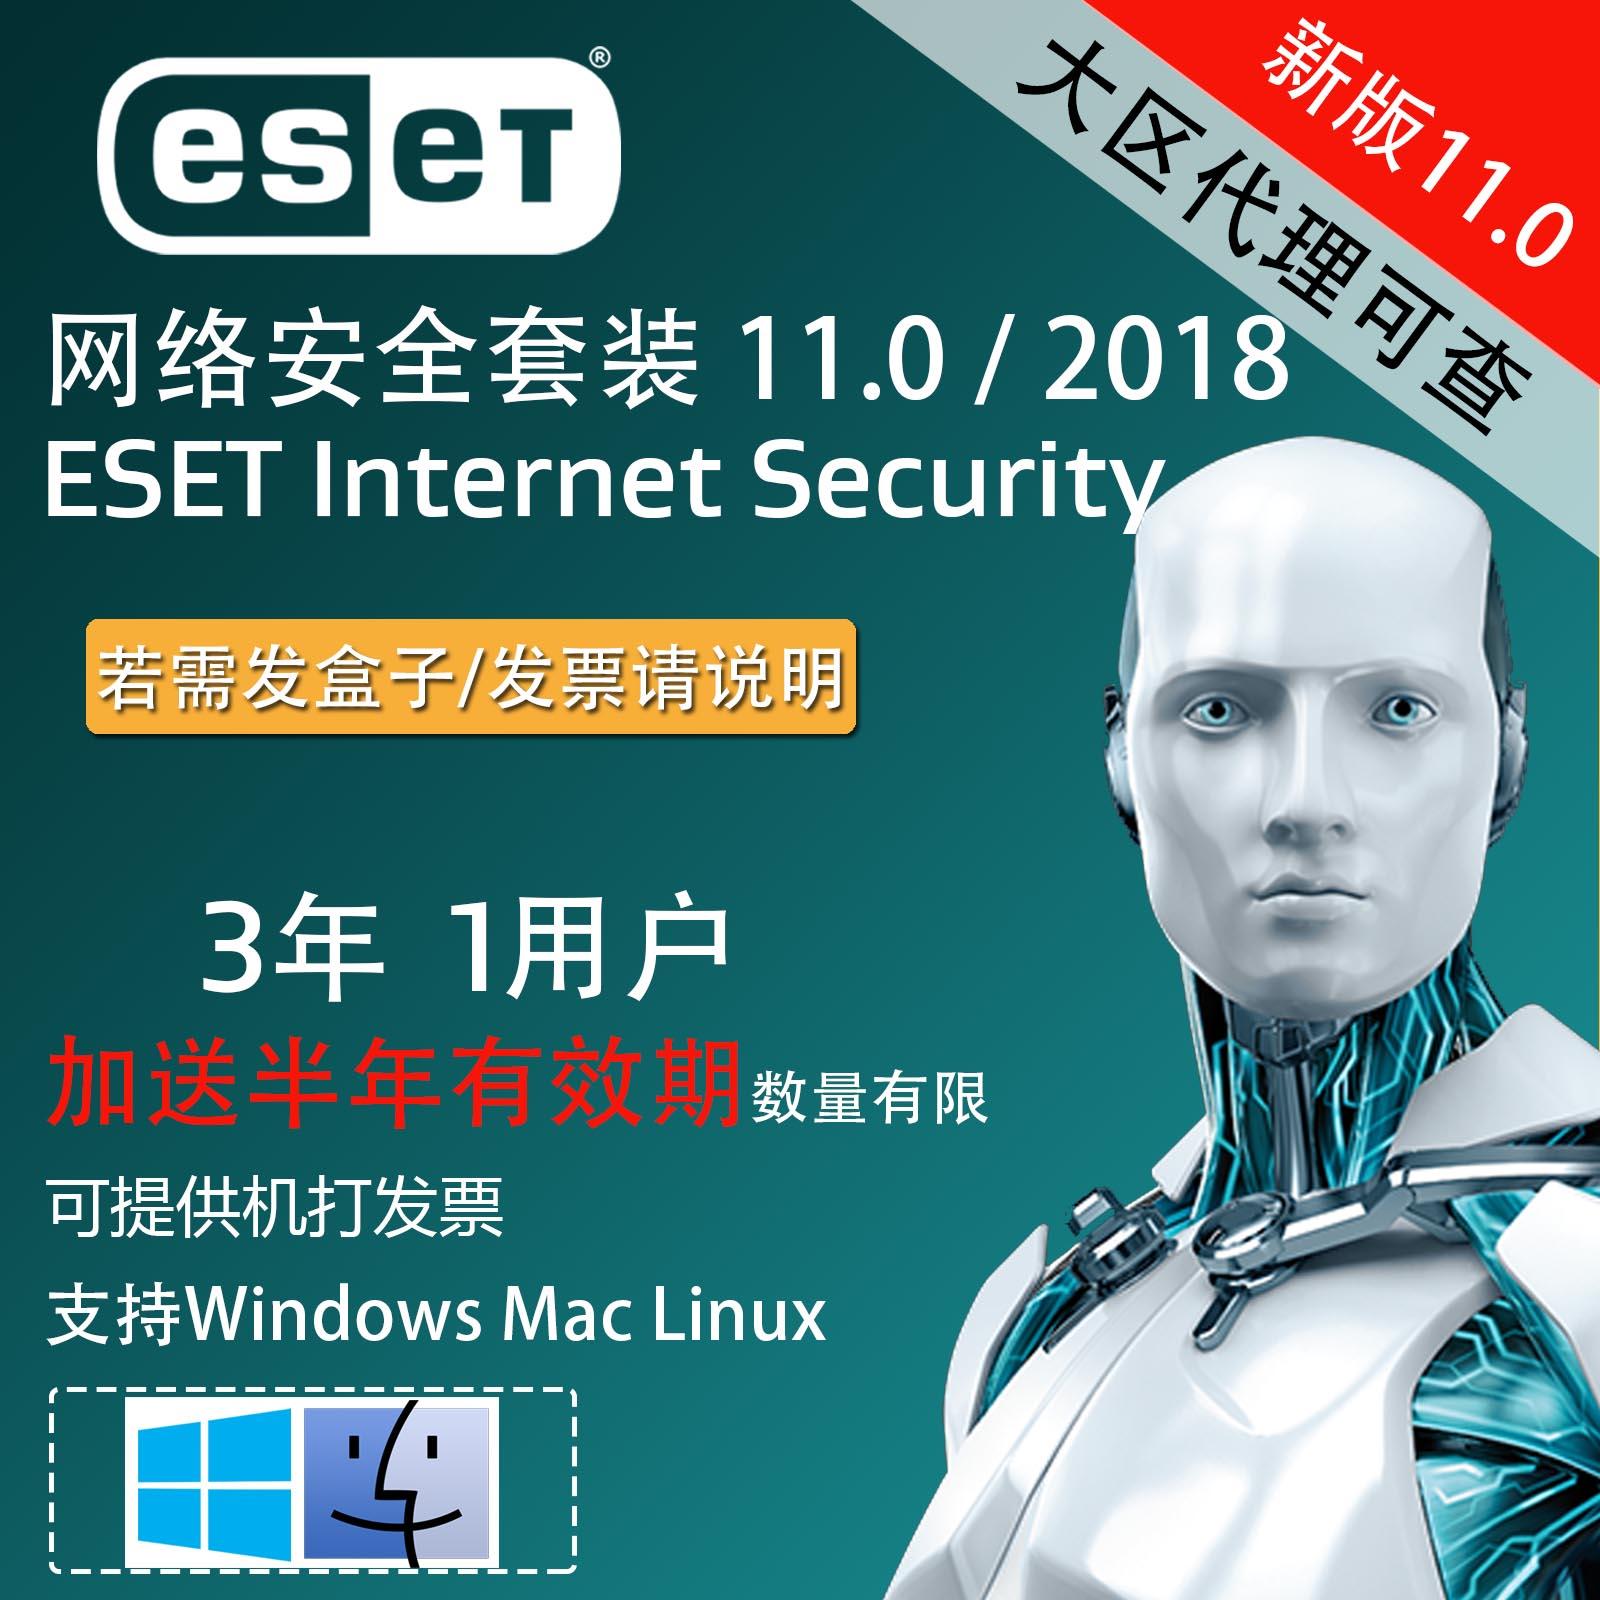 ESET Internet Security 11 ESET Nod32 убить яд программное обеспечение взаимно присоединиться чистый безопасность 3 издание